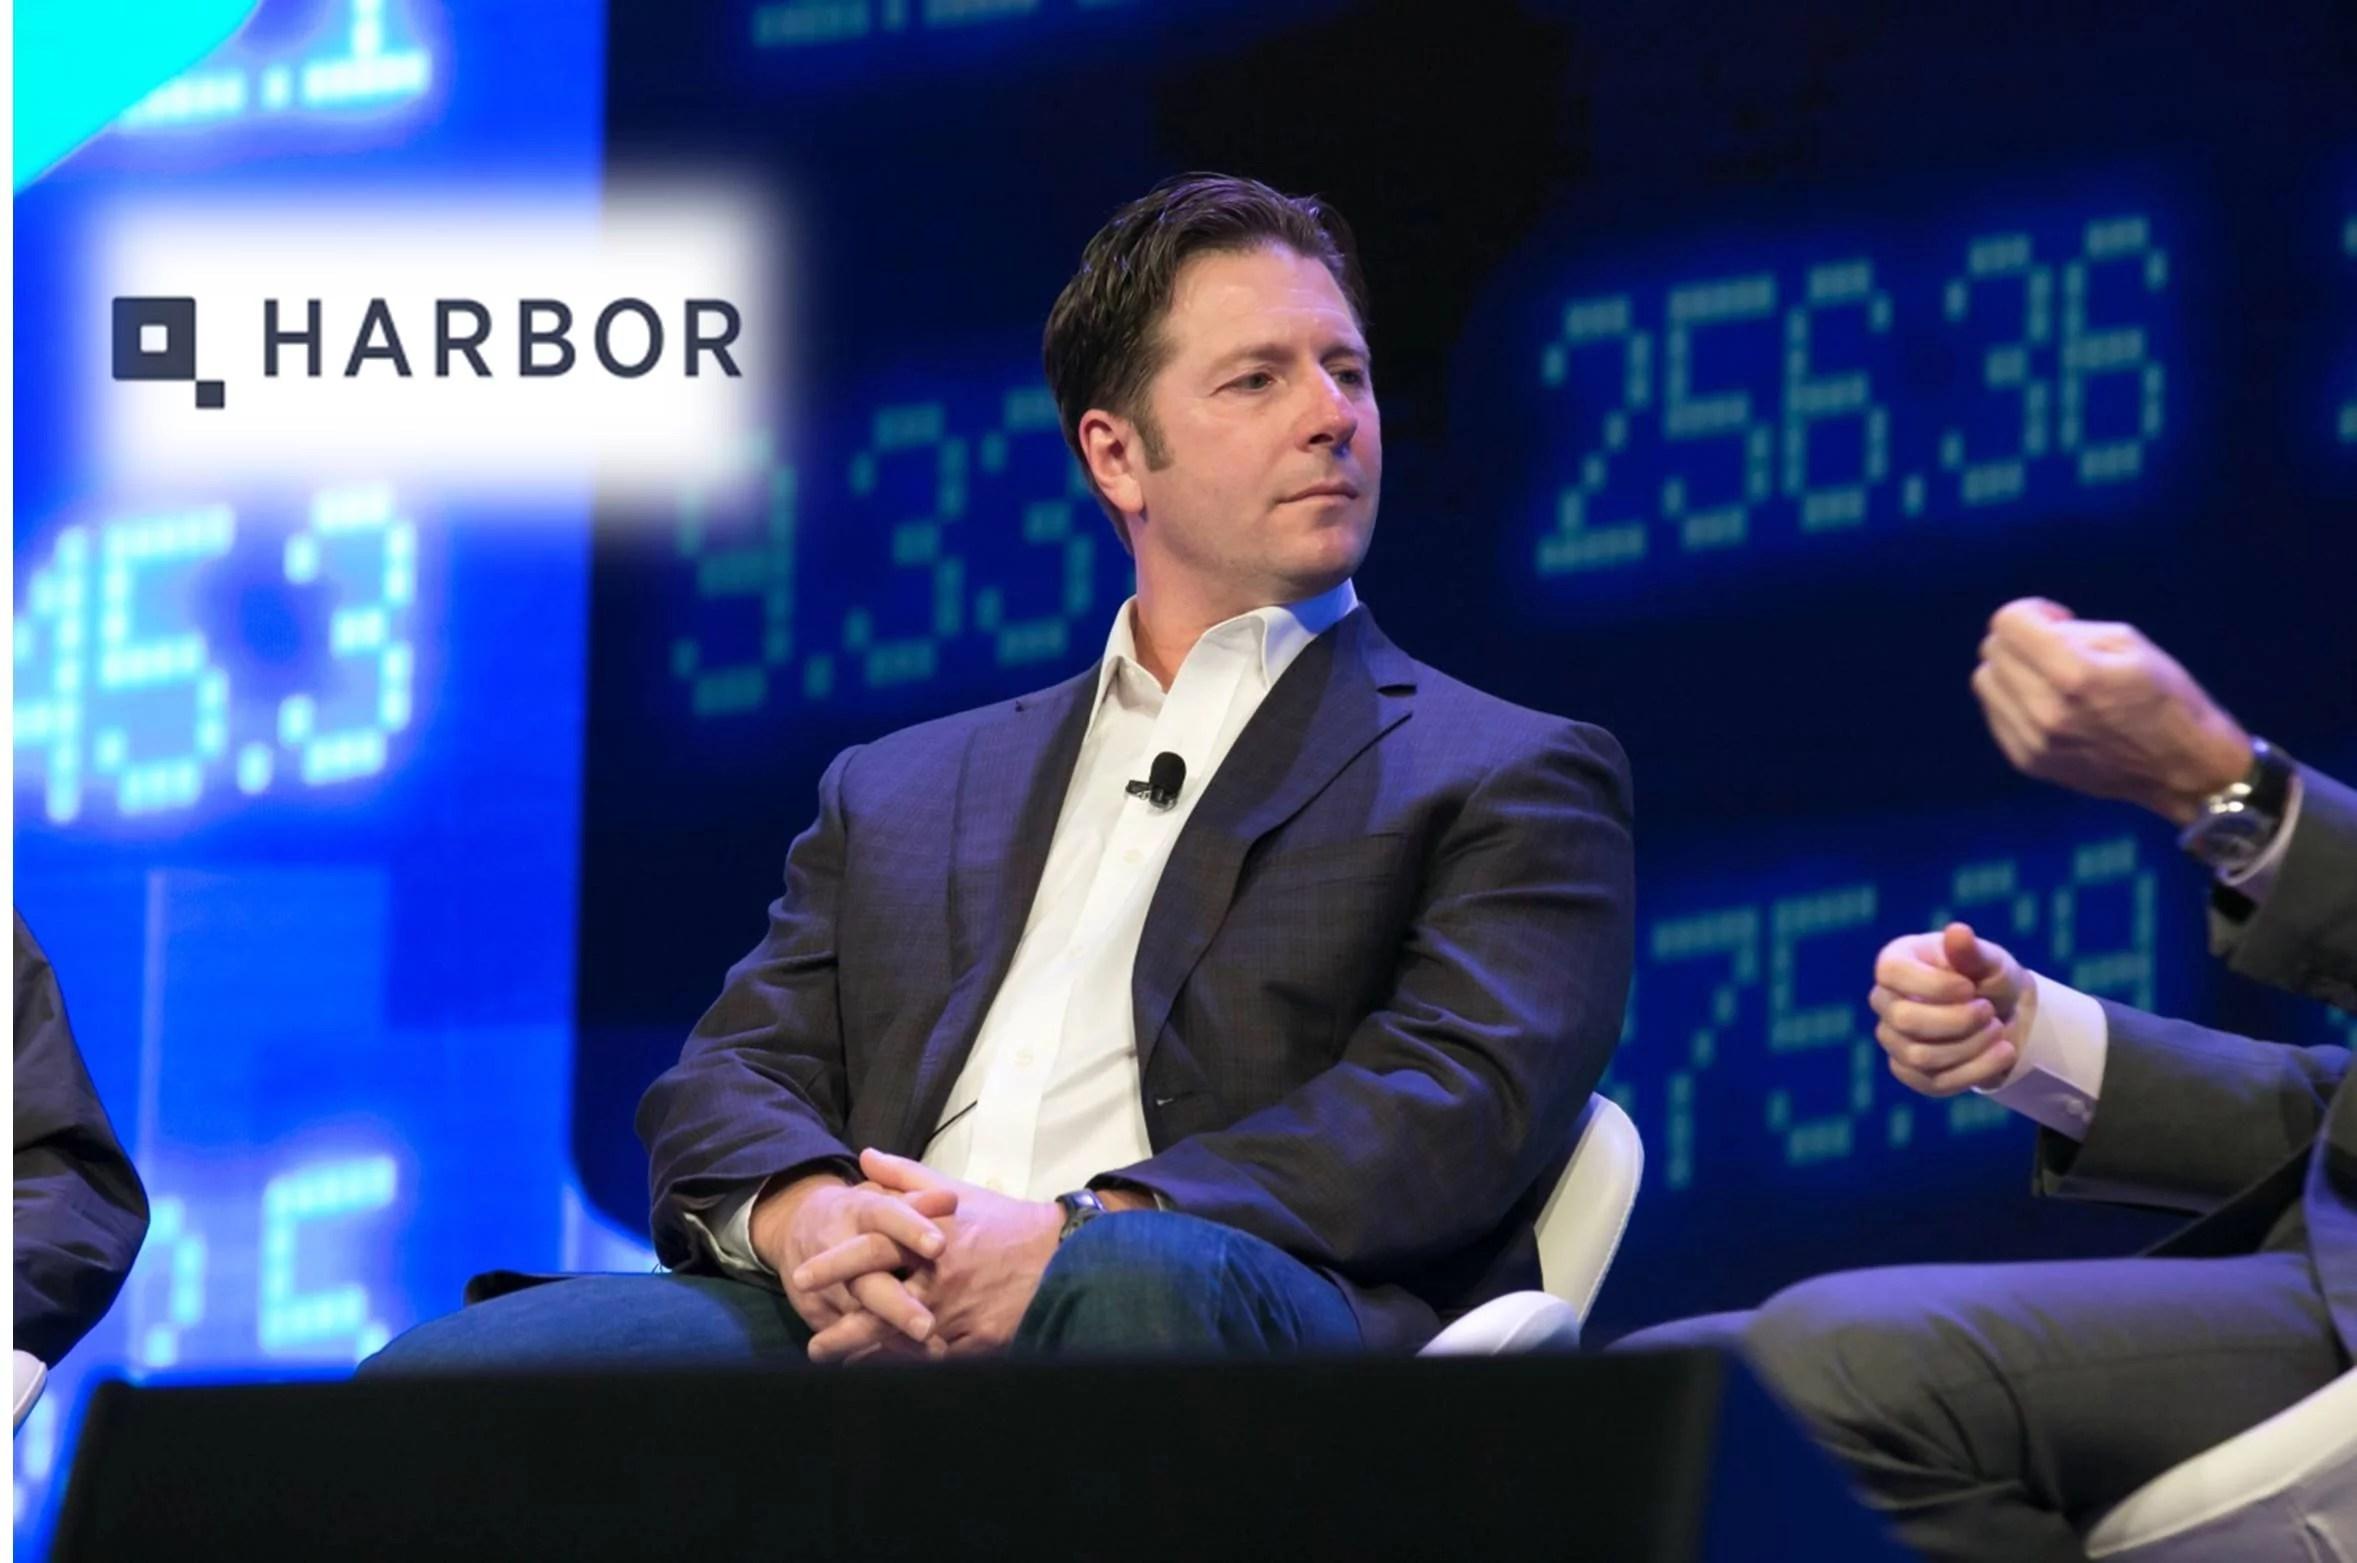 Harbor tokeniza 100 millones de dólares en fondos inmobiliarios en la blockchain de Ethereum